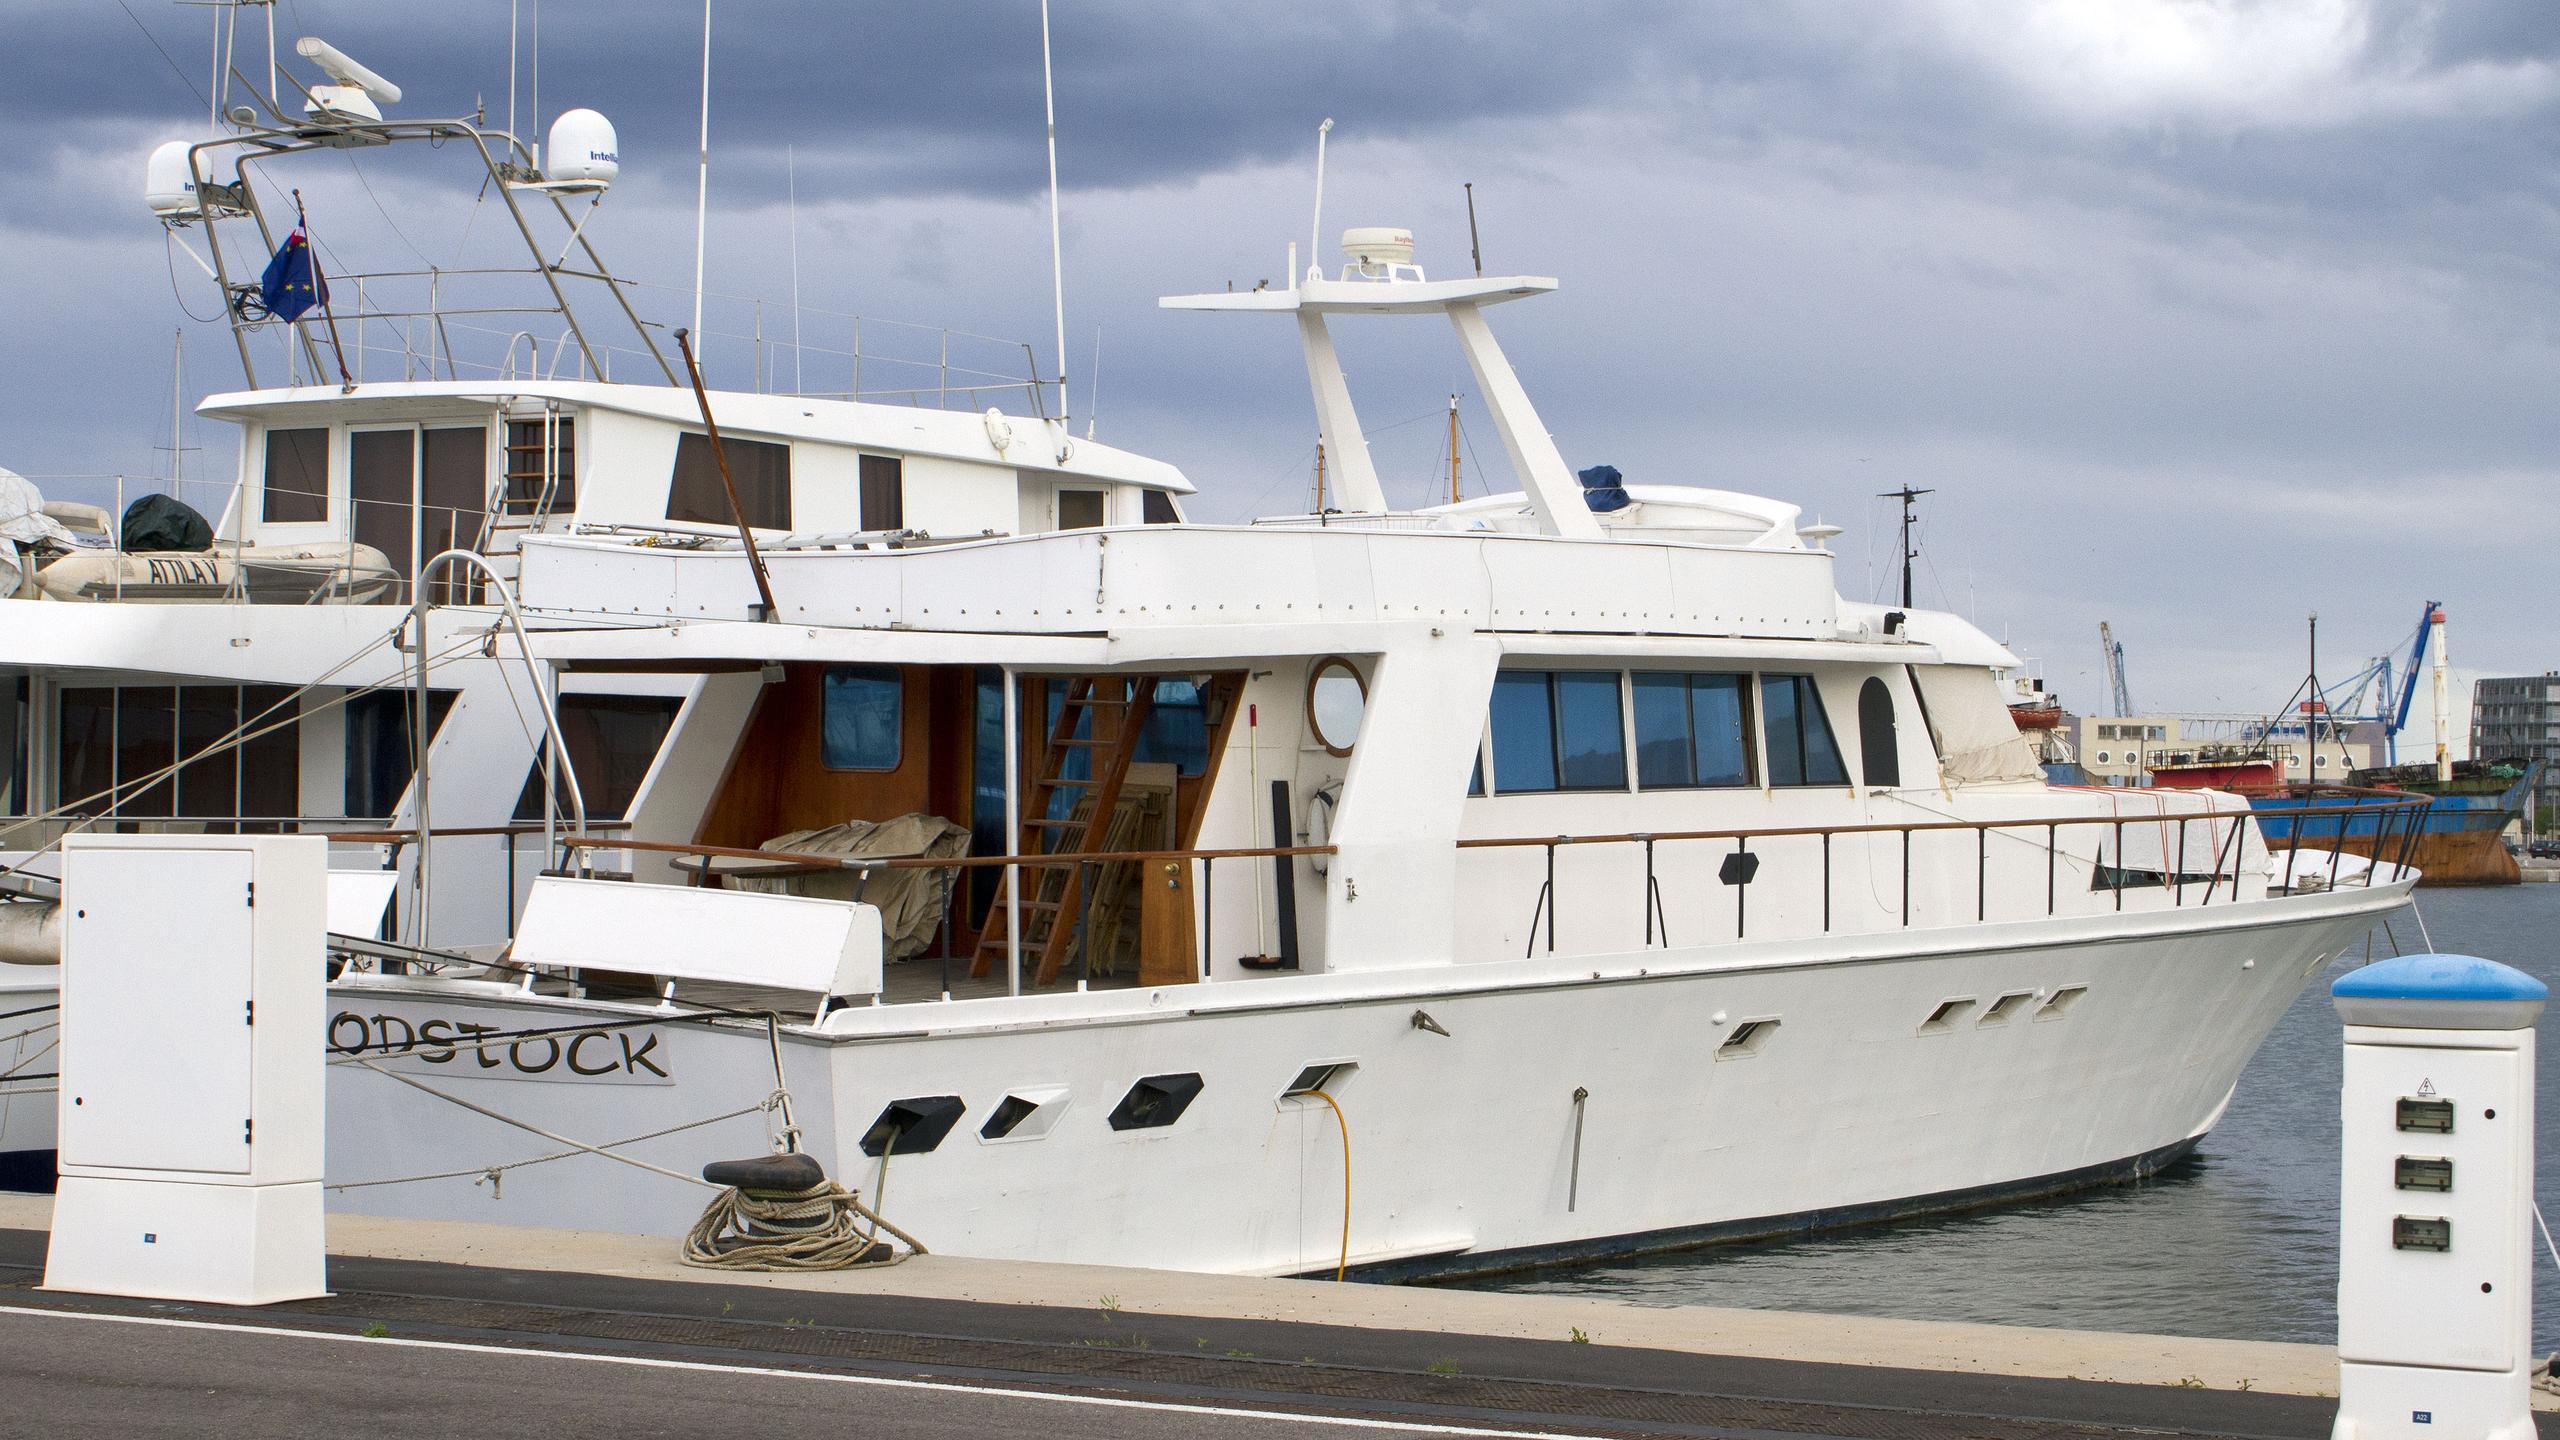 woodstock-motor-yacht-cnl-1993-27m-stern